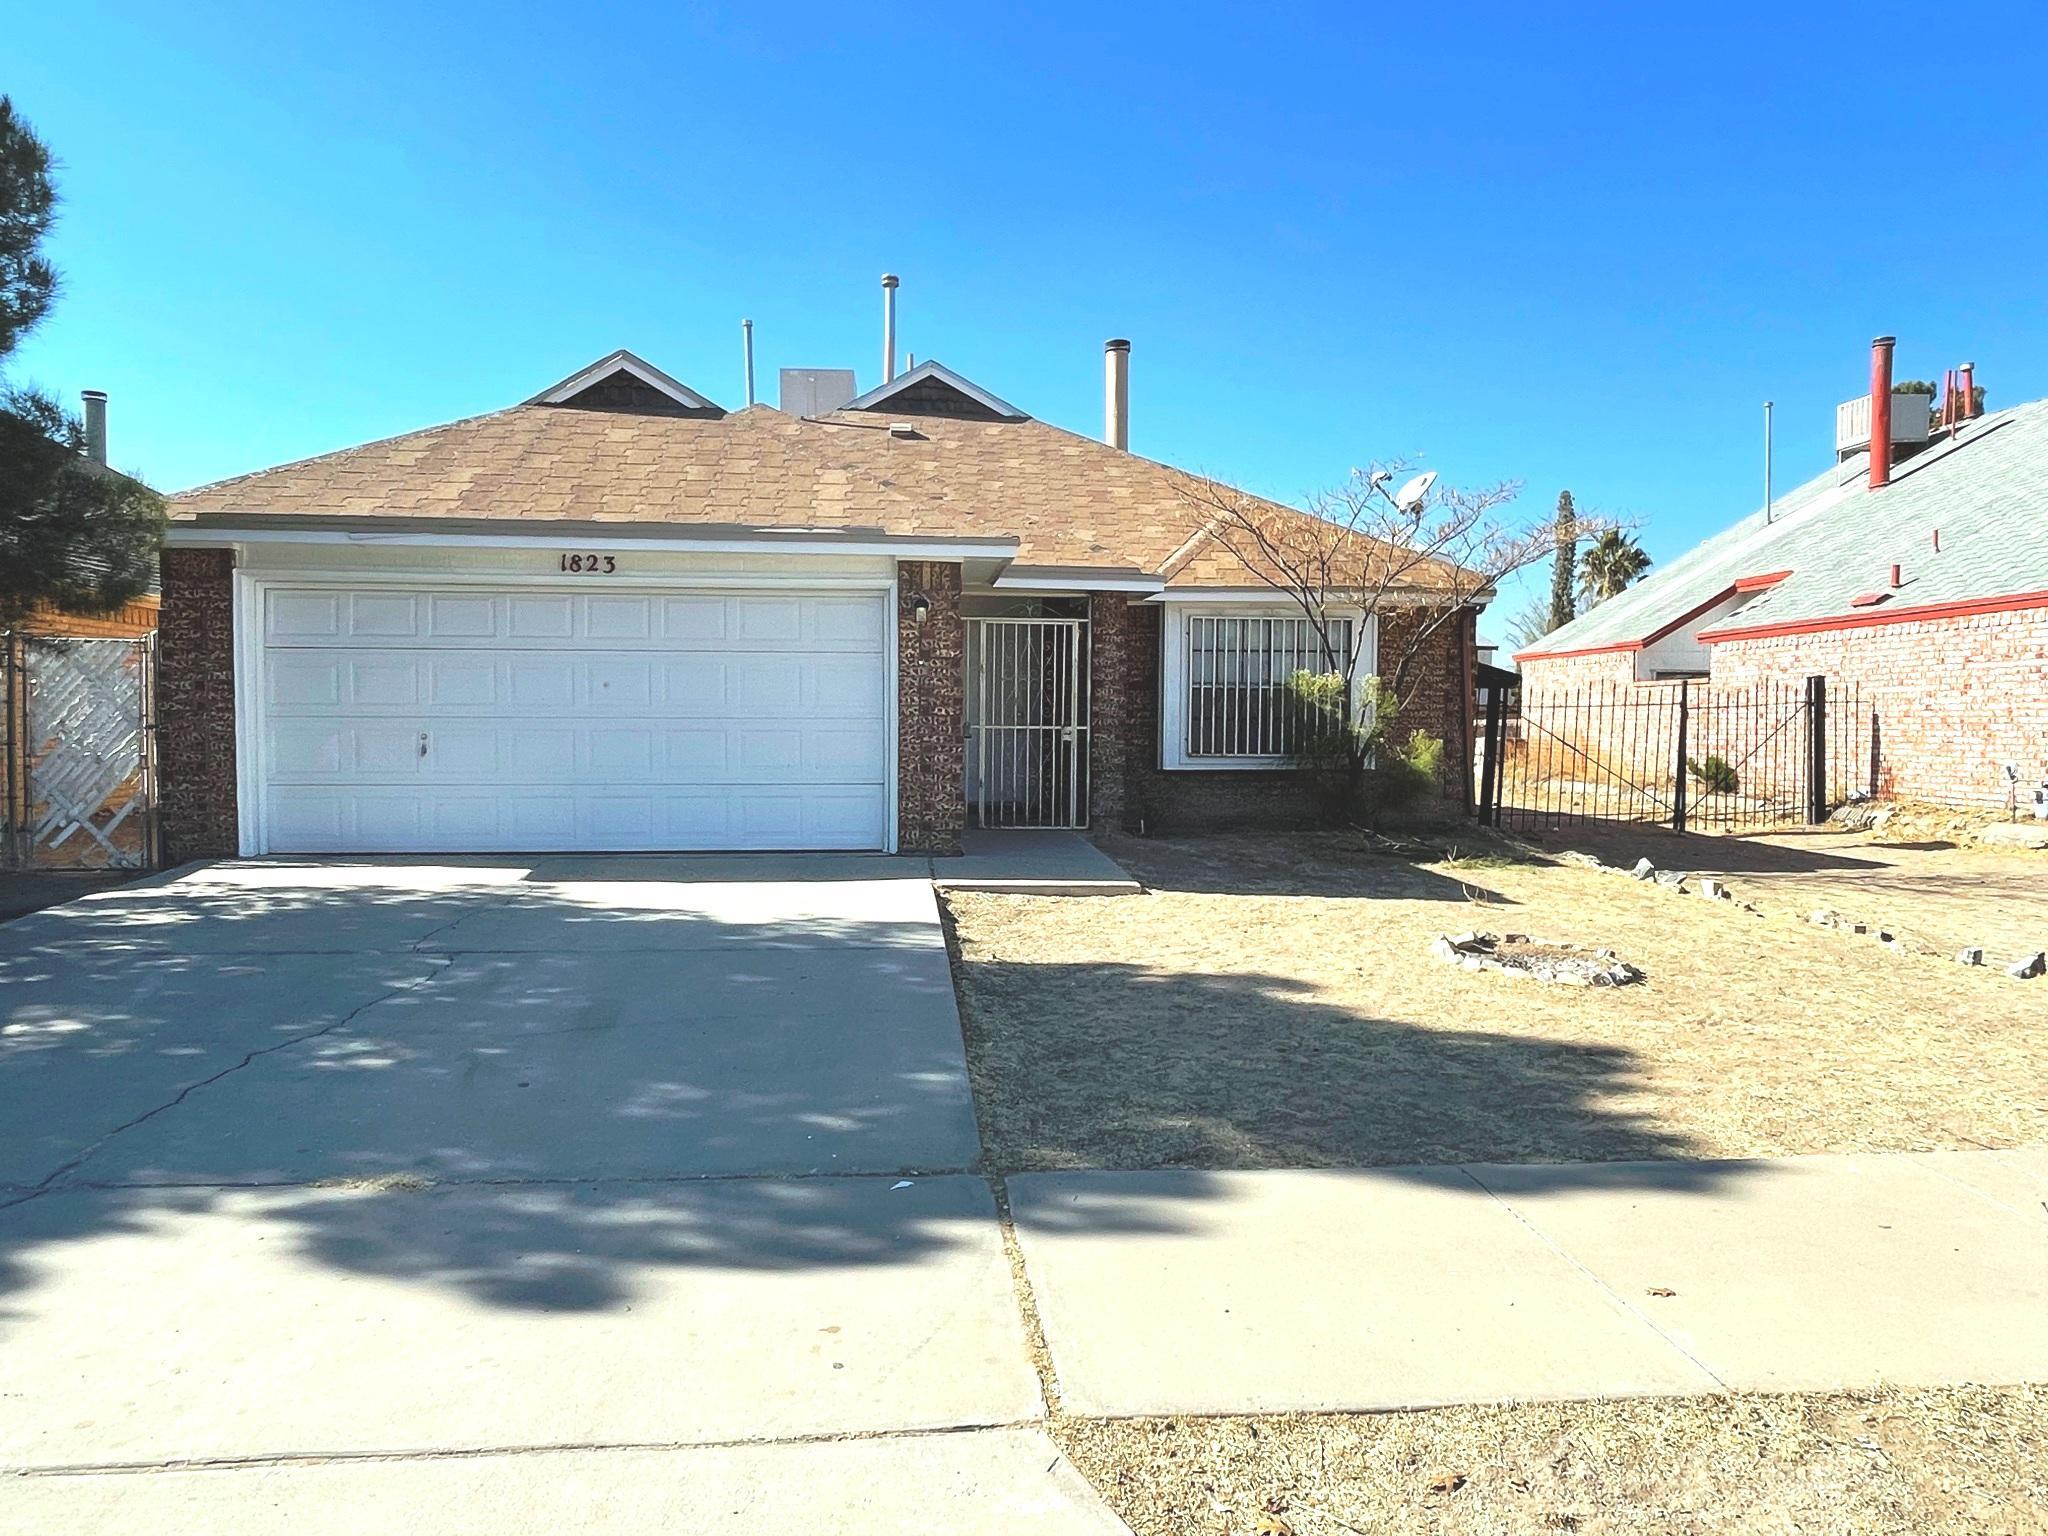 1823 CHRIS SCOTT Drive, El Paso, Texas 79936, 3 Bedrooms Bedrooms, ,2 BathroomsBathrooms,Residential Rental,For Rent,CHRIS SCOTT,839855